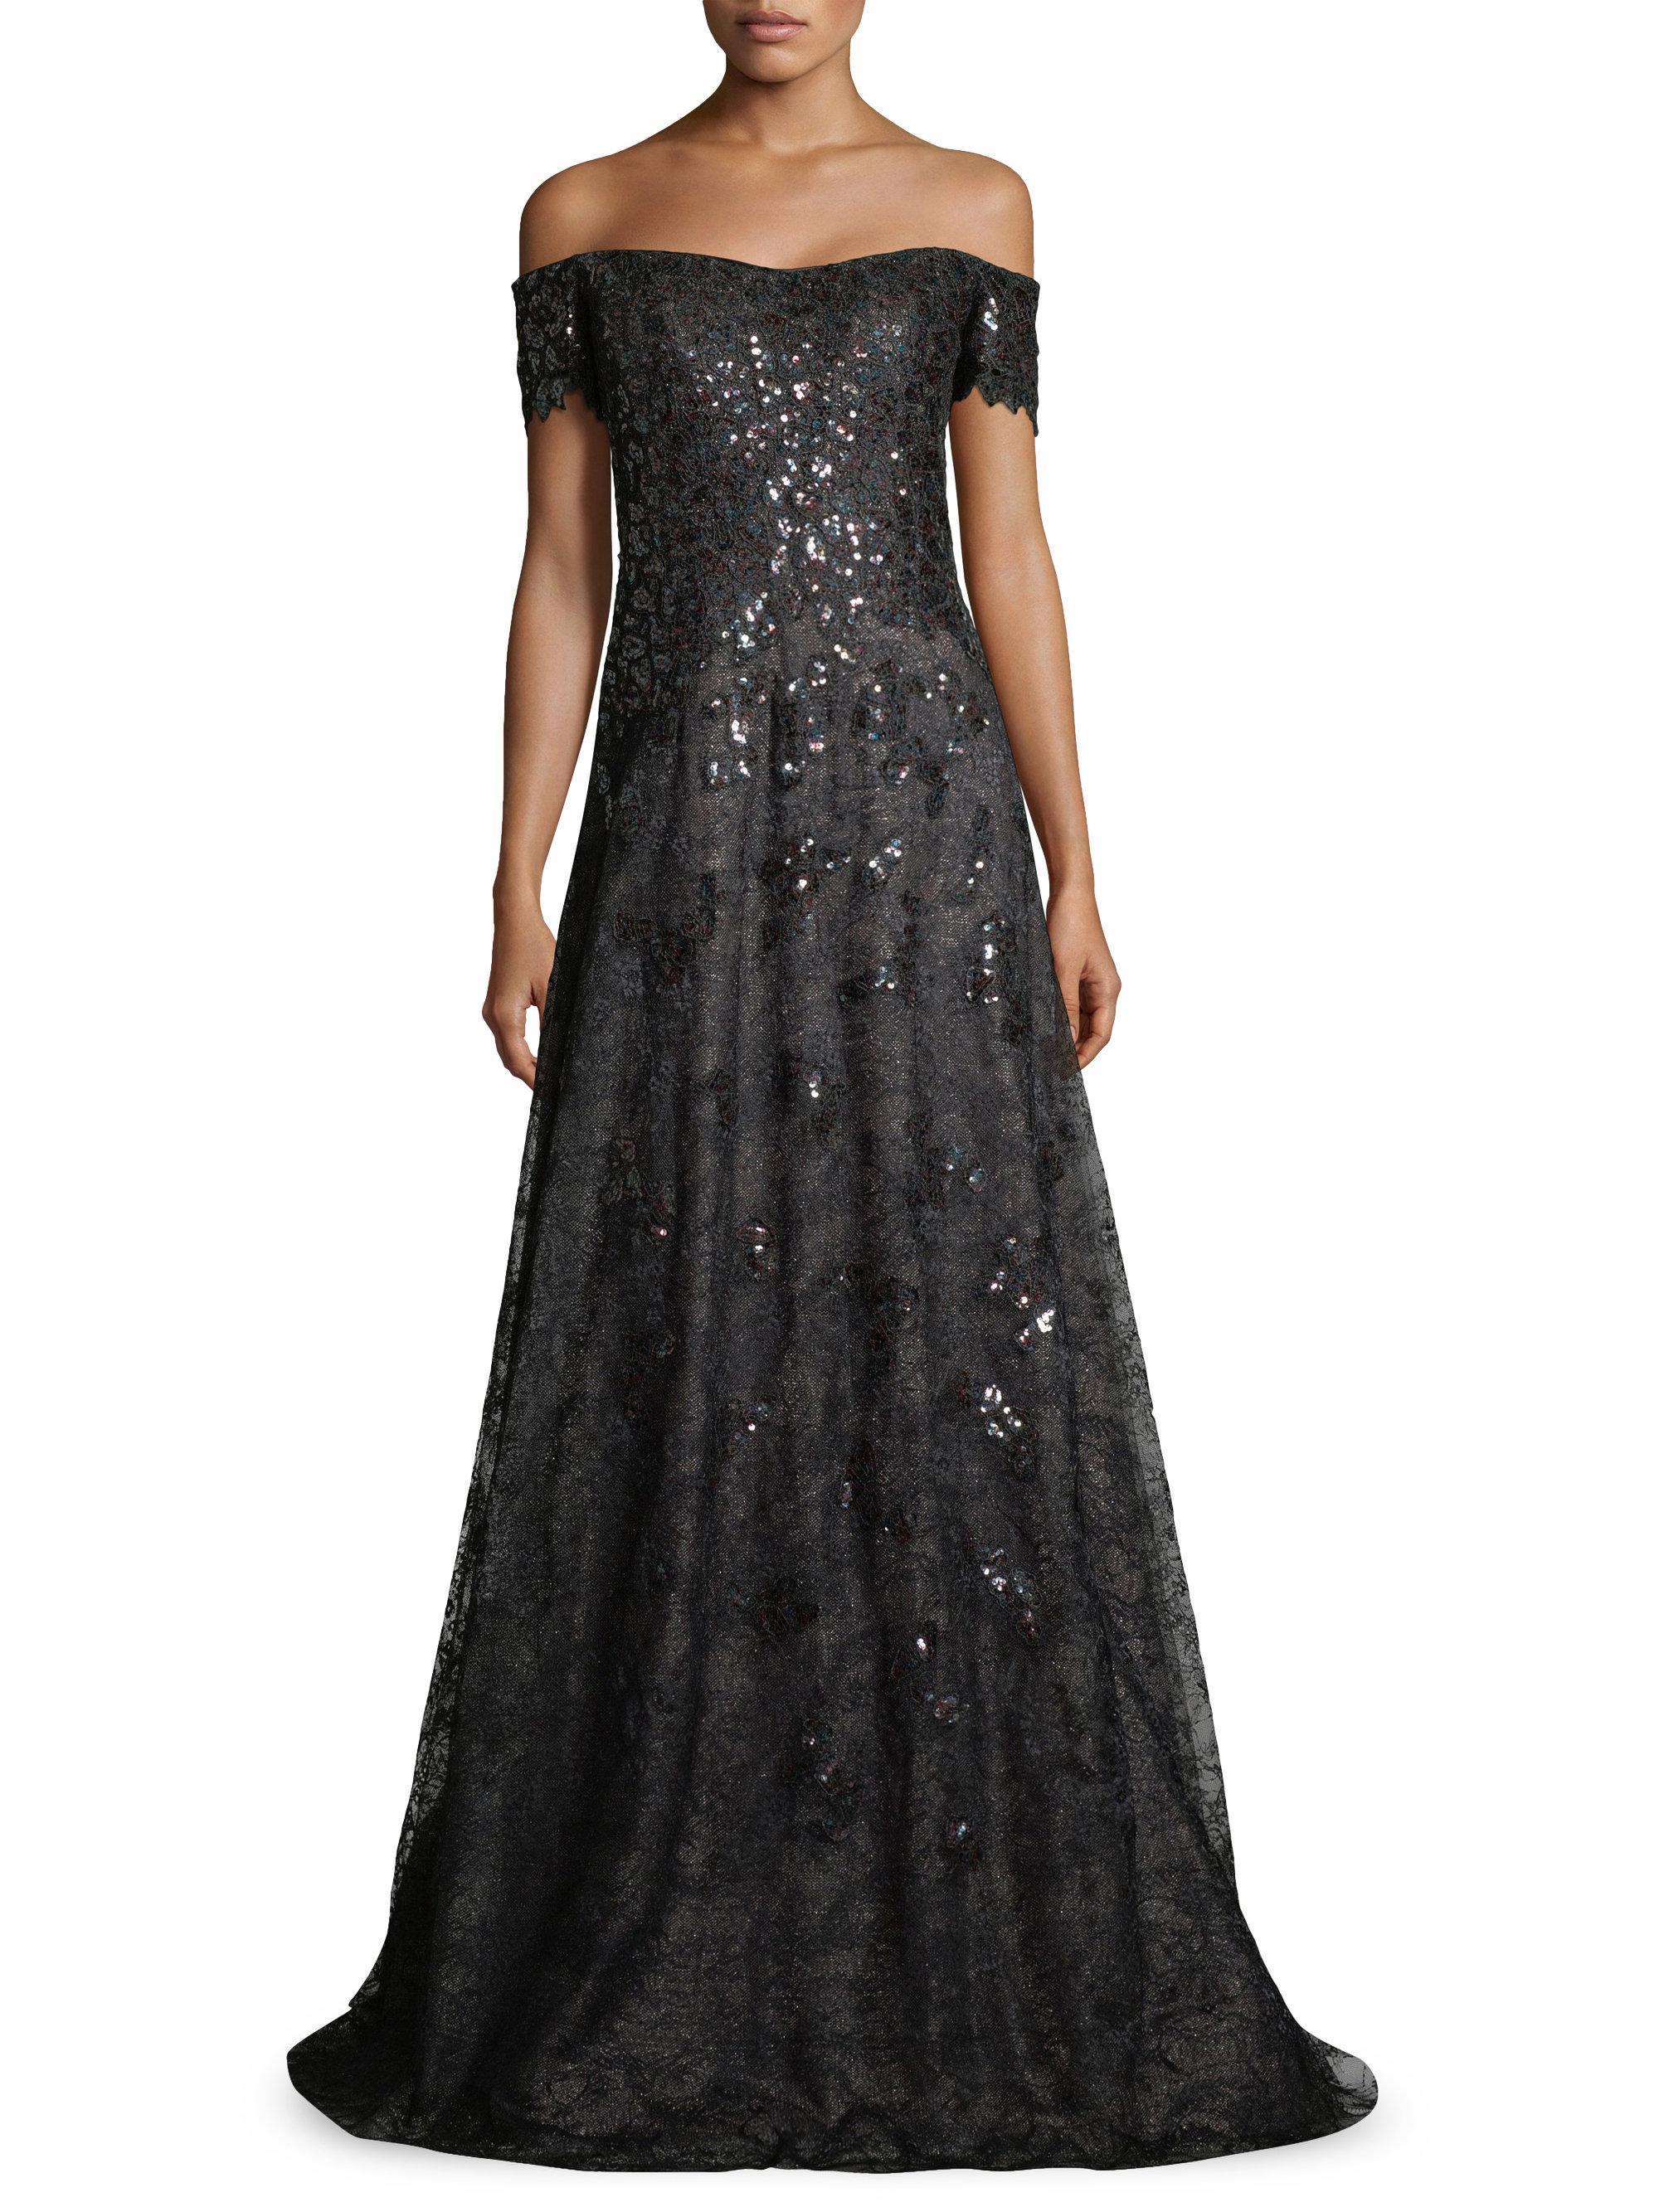 Lyst - Rene Ruiz Off-the-shoulder Sequin & Tulle Gown in Black